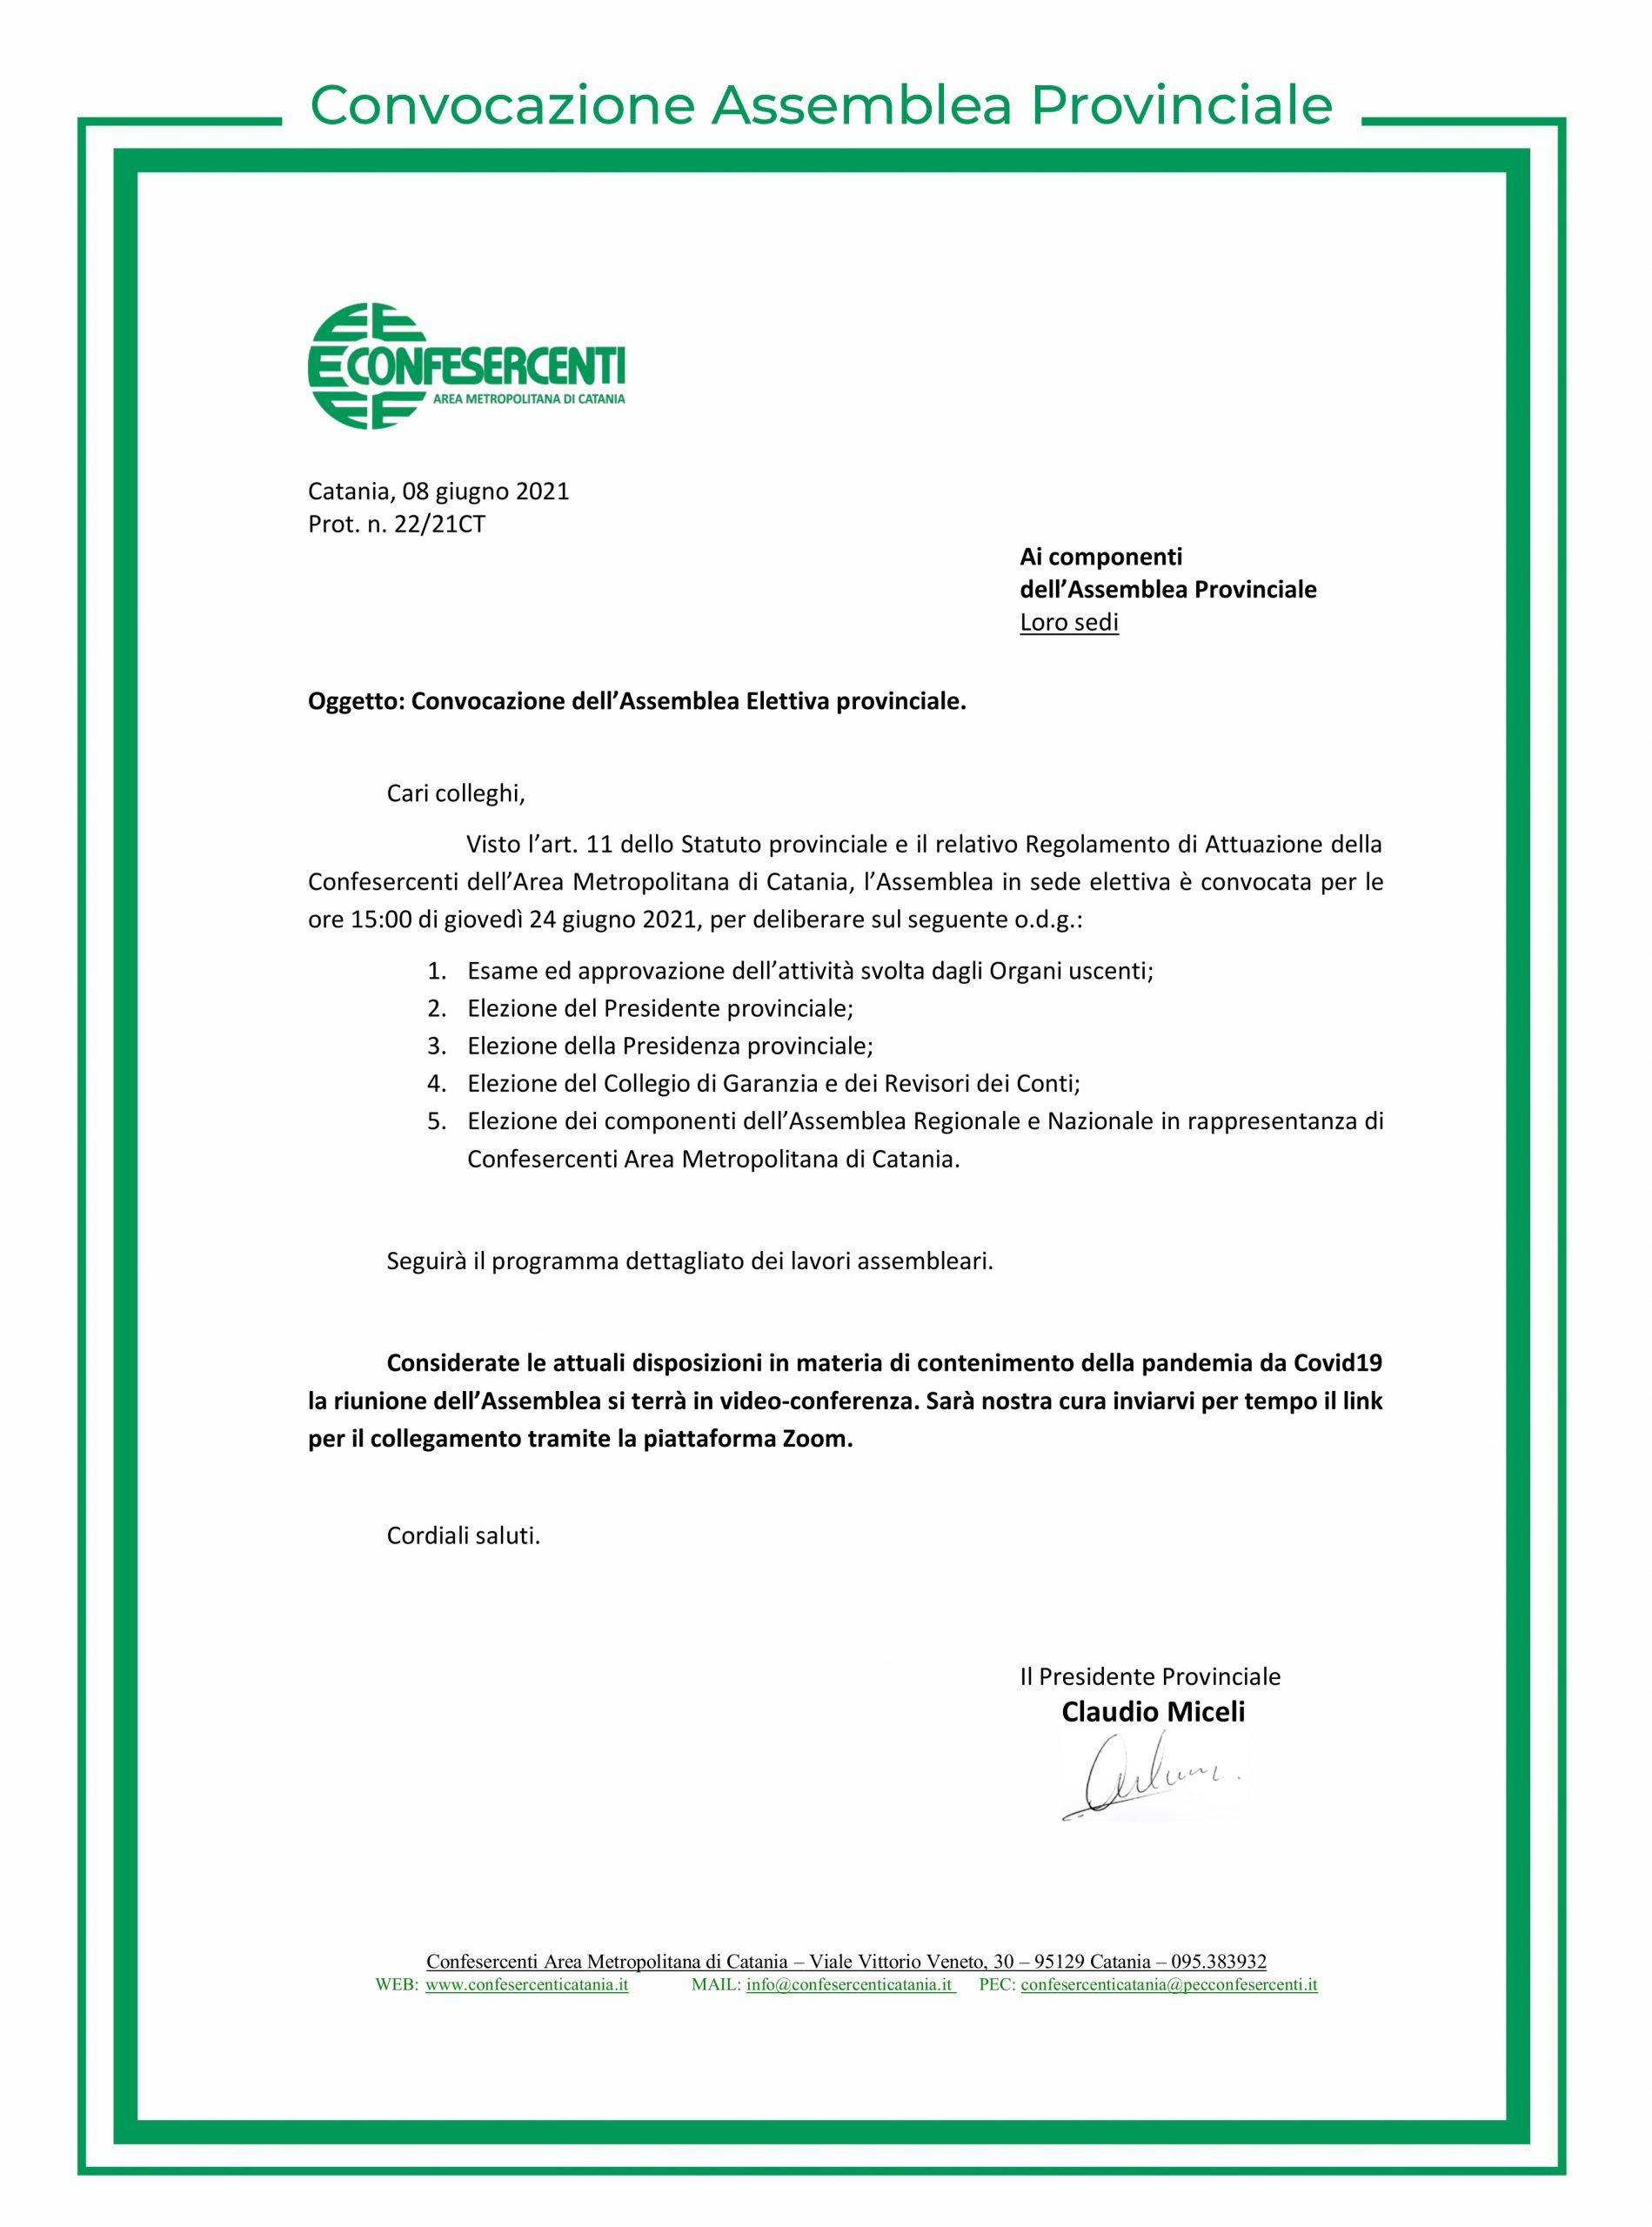 confesercenti catania convocazione assemblea elettiva